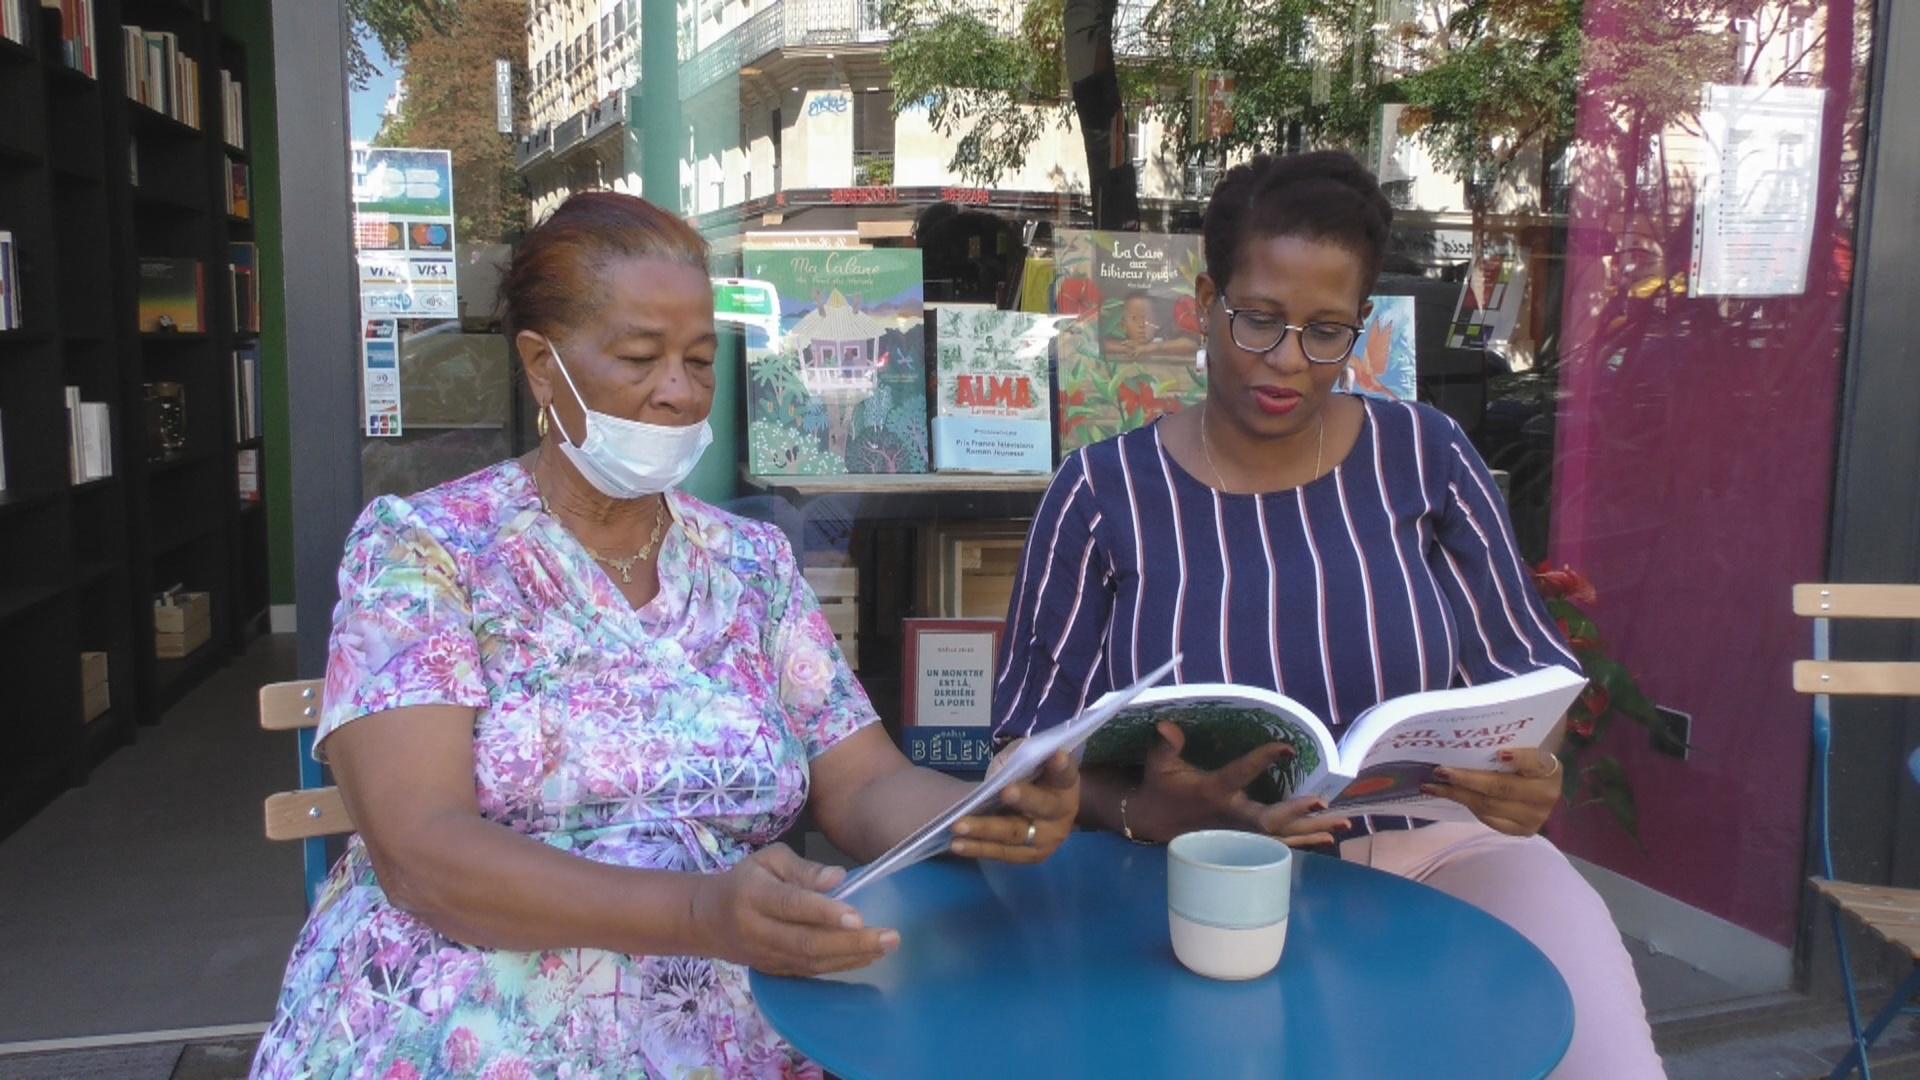 [Vidéo] Onews Hexagone. Ouverture à Paris 17 bis Avenue Parmentier de Calypso la Librairie des Outre mer et des Caraïbes